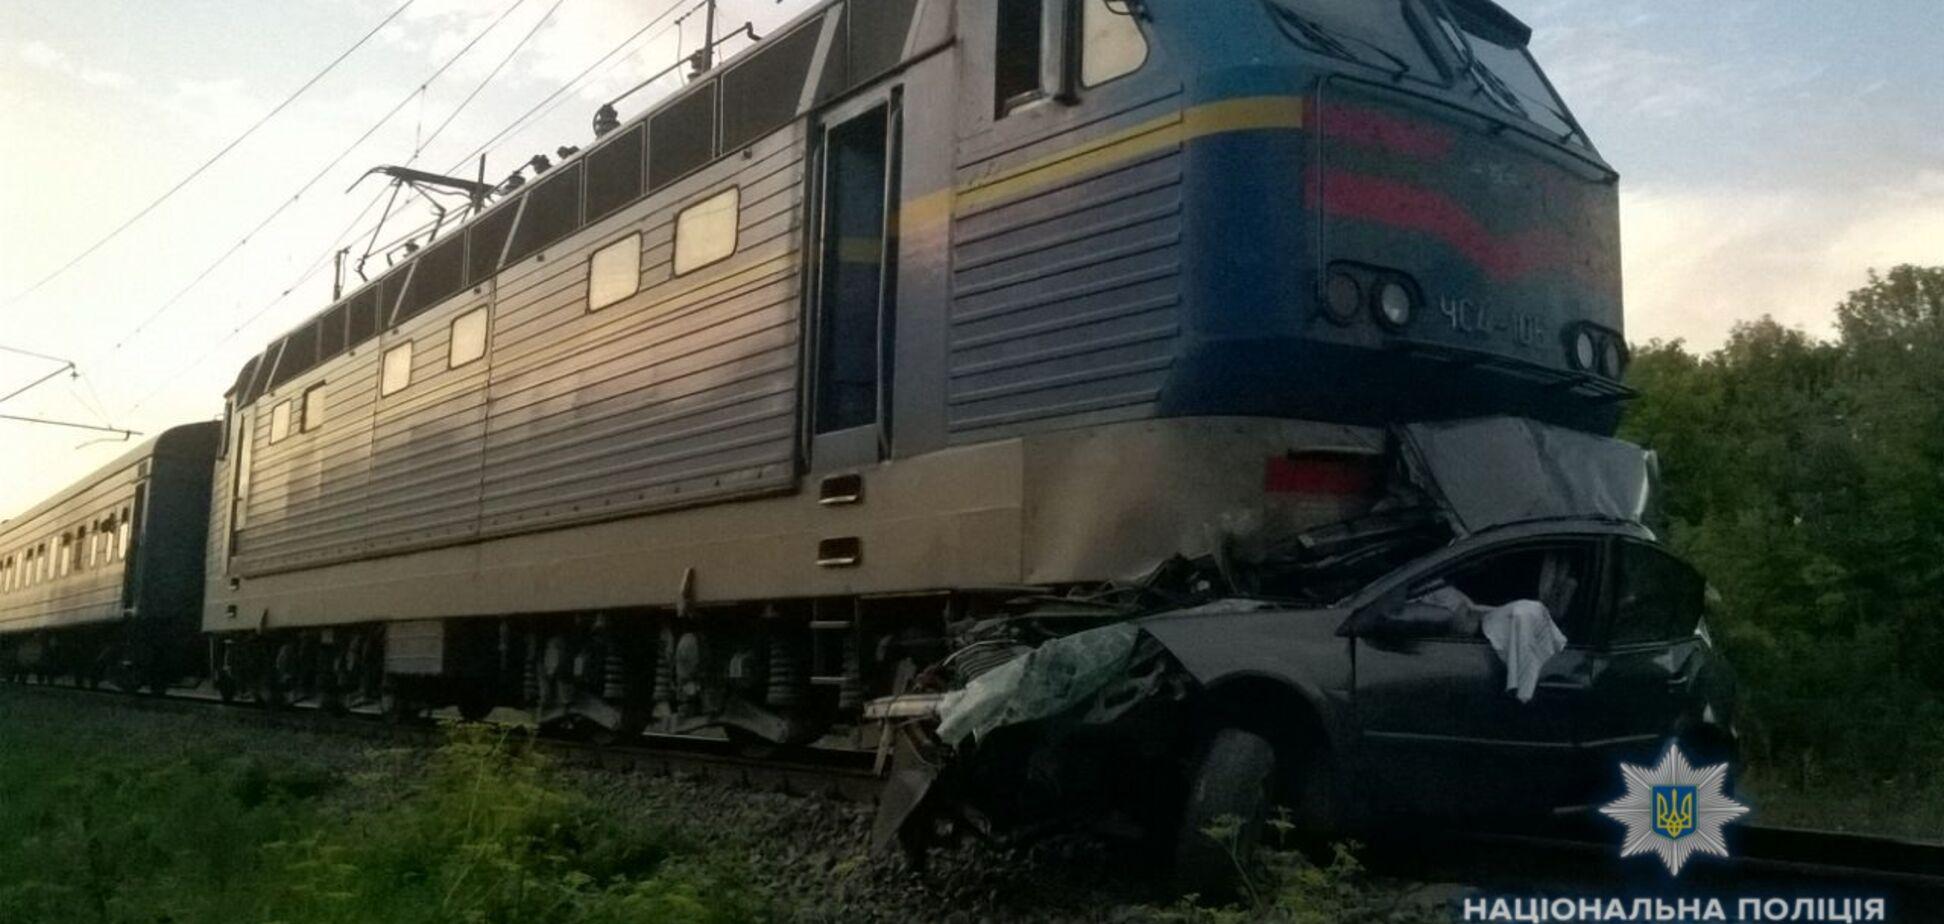 На Київщині потяг збив машину: в поліції повідомили деталі смертельної аварії